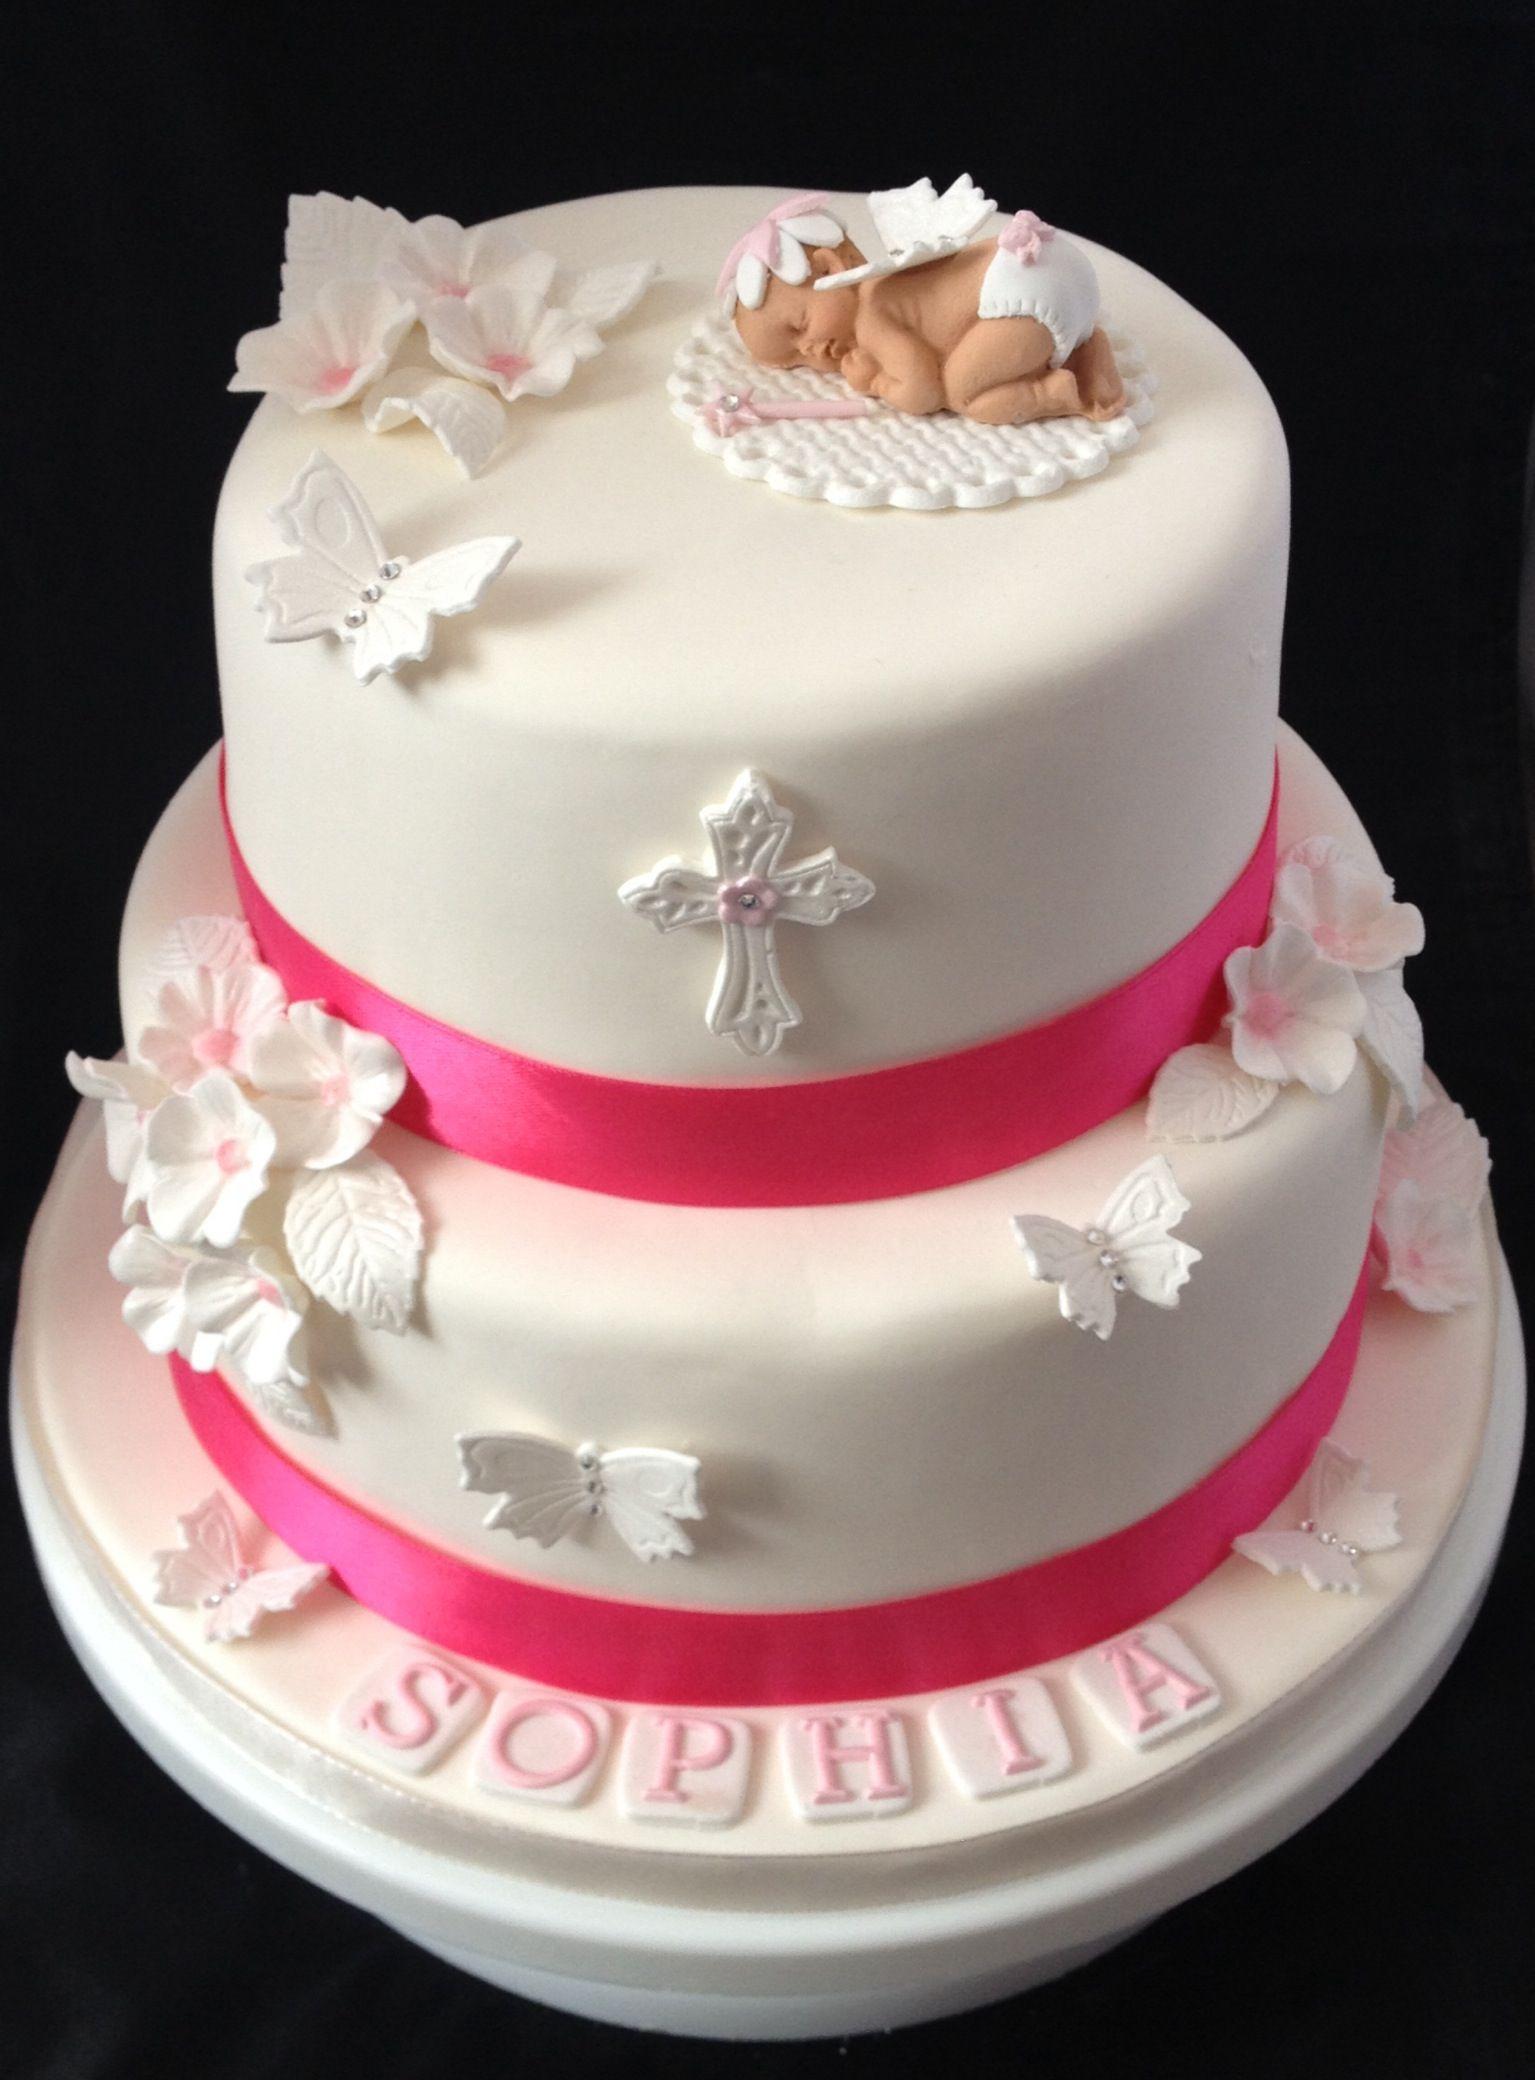 Flower Fairy Baby on Christening Cake Cake, Cake design